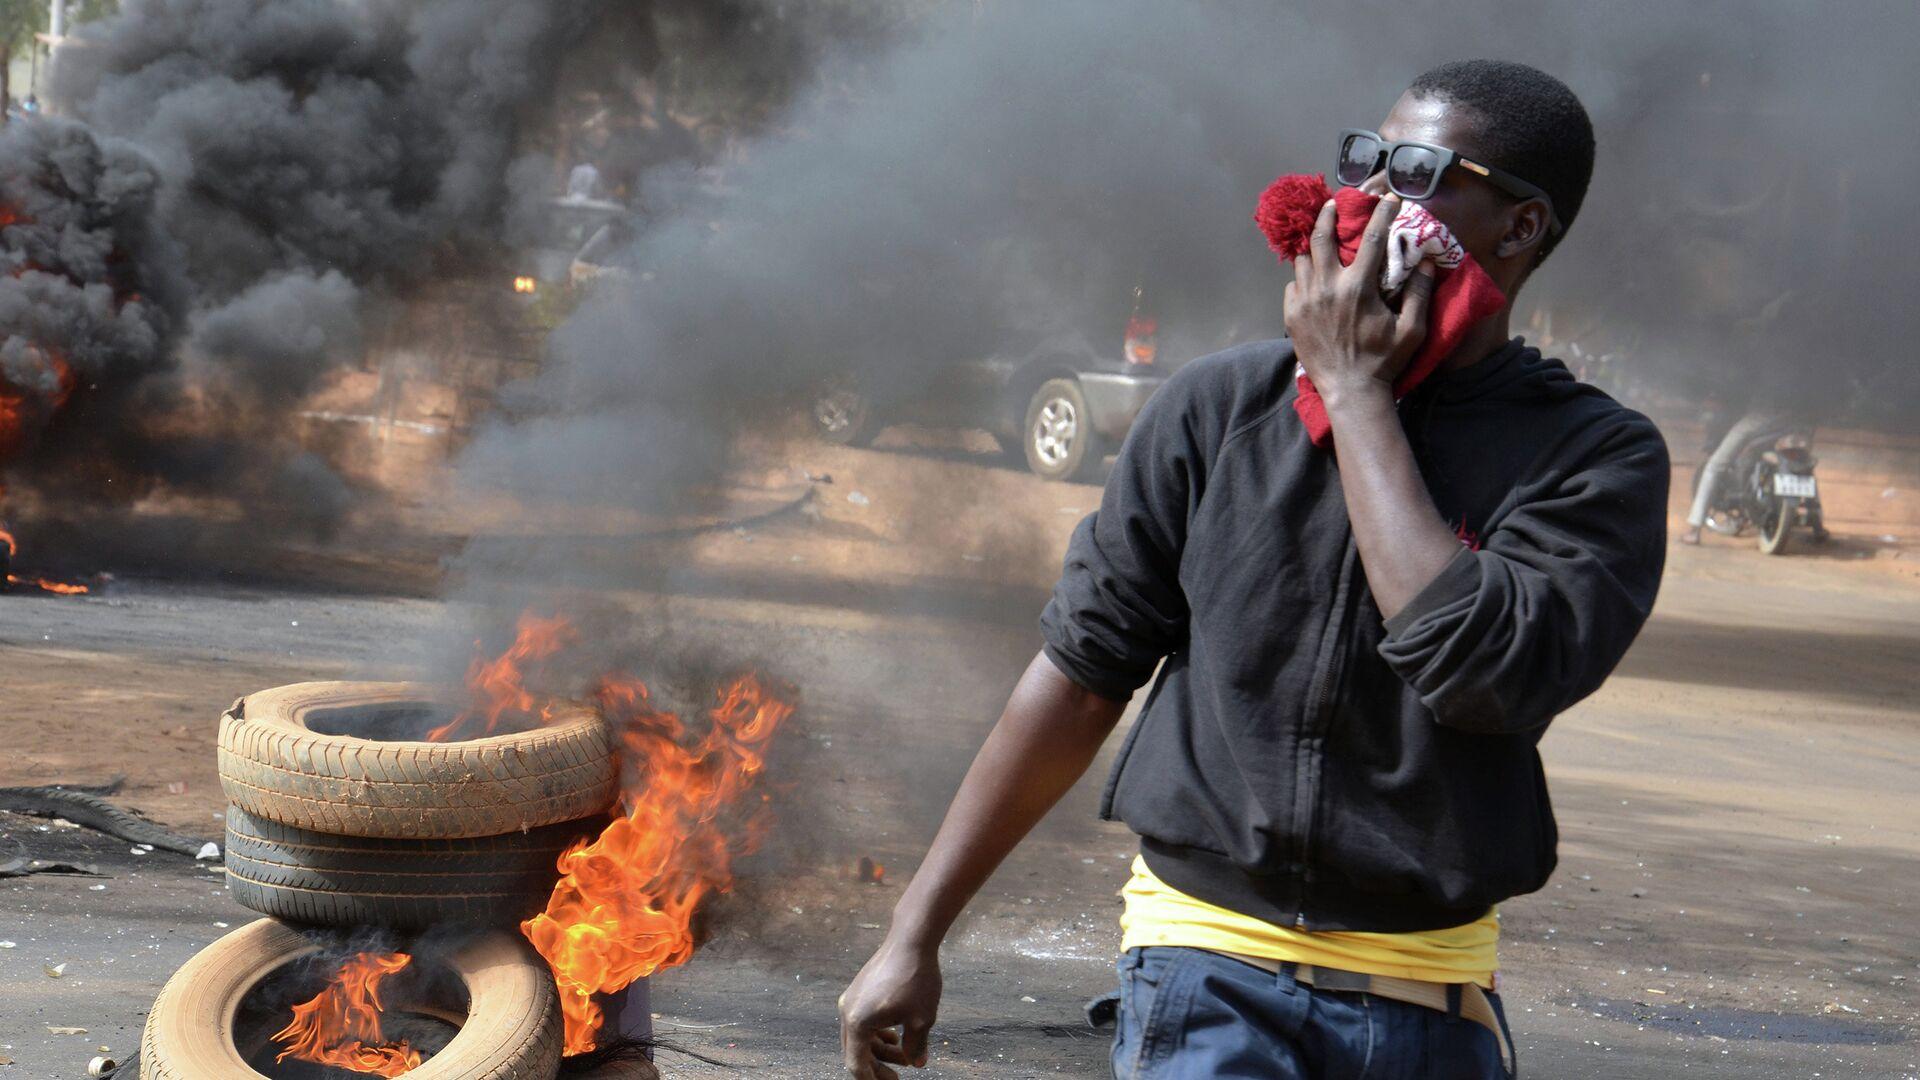 Беспорядки в городе Ниамей в Нигере - РИА Новости, 1920, 02.01.2021